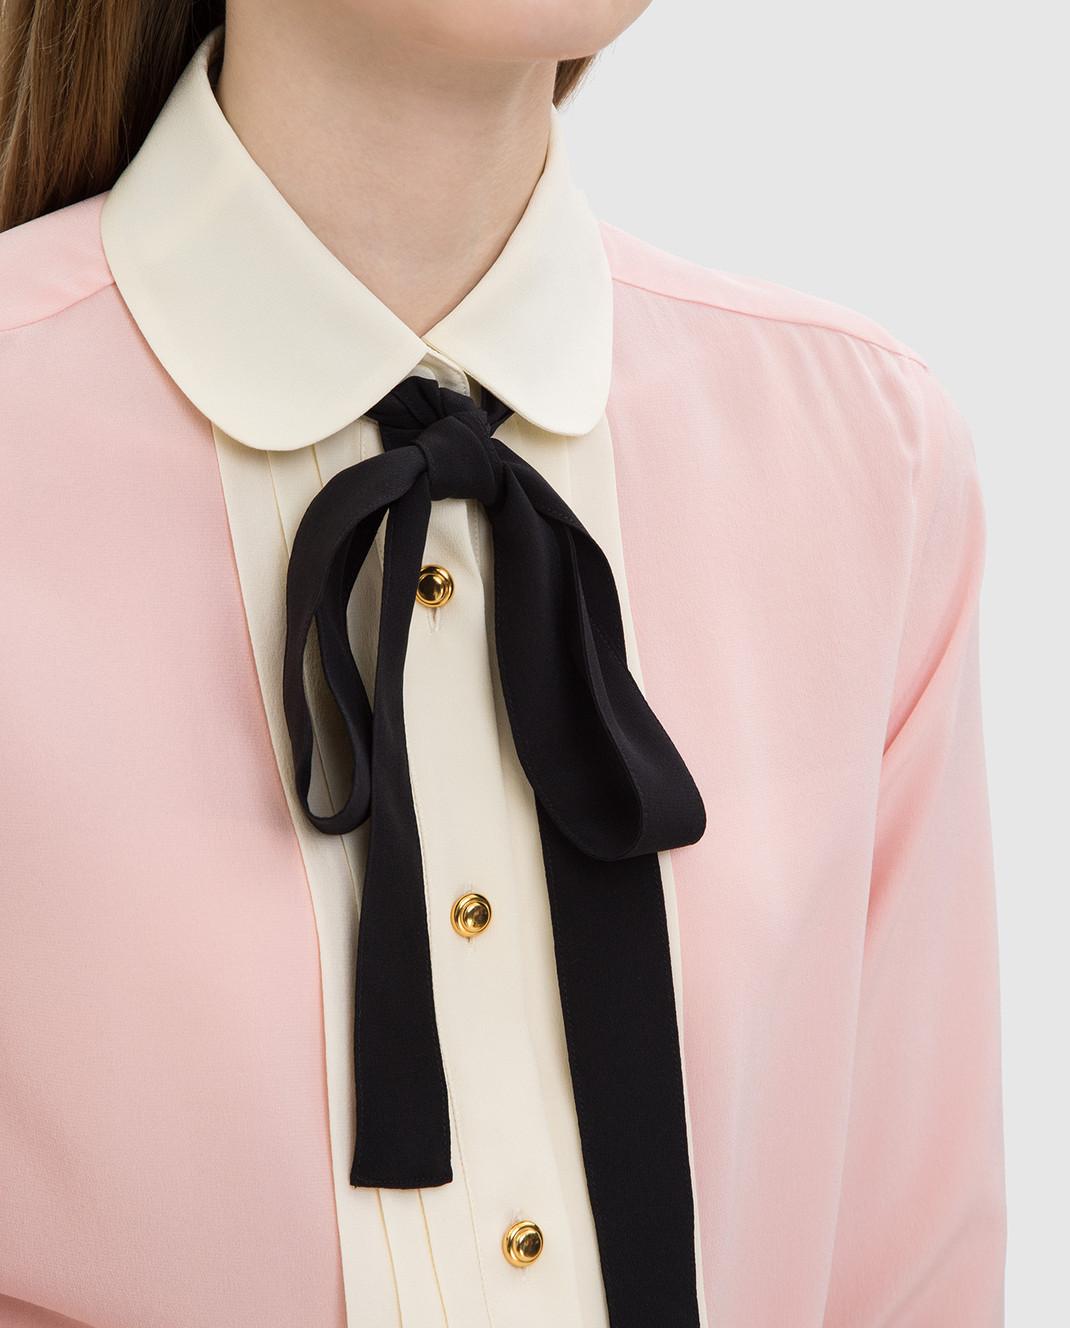 Gucci Розовая рубашка из шелка 544892 изображение 5